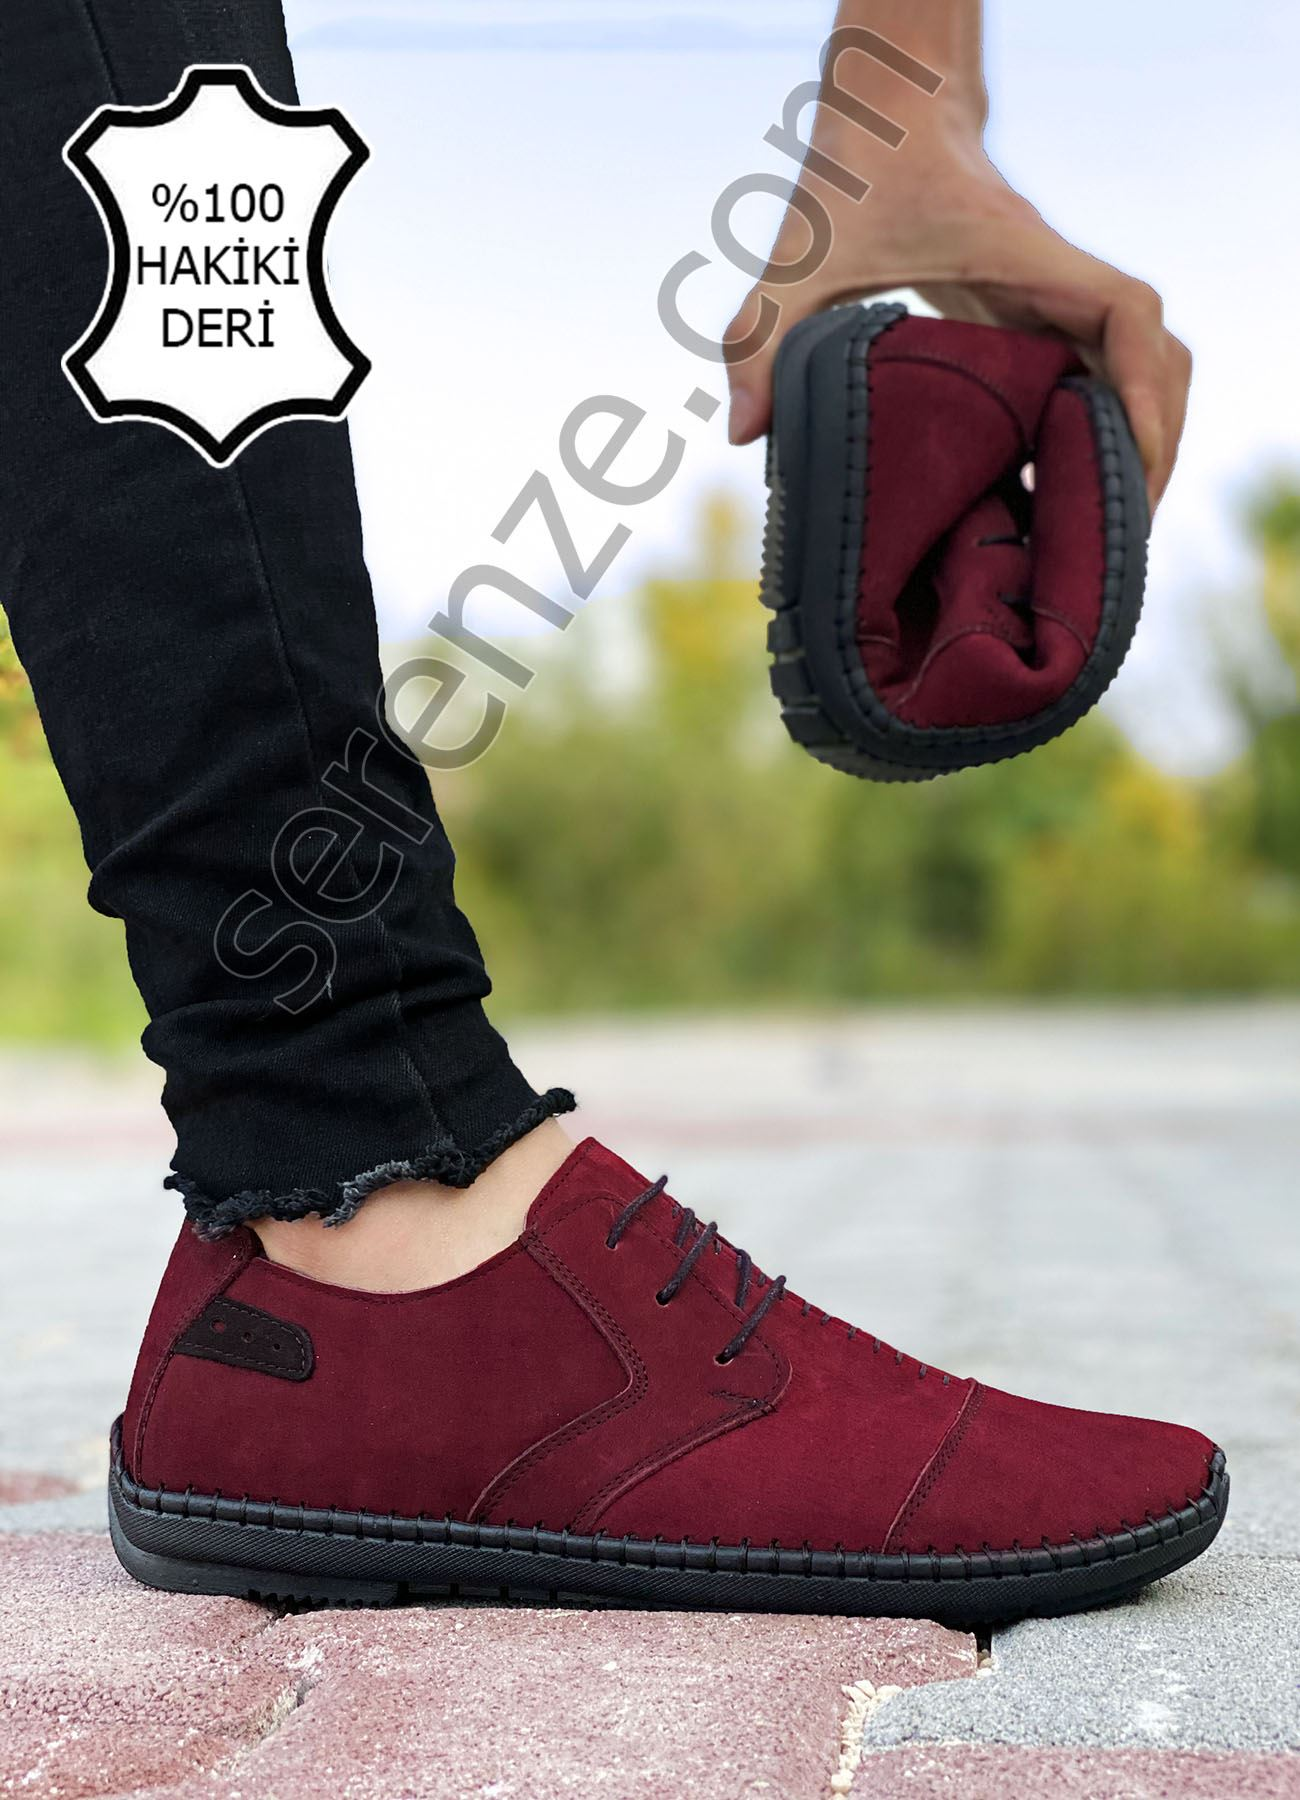 Bordo Hakiki Deri Çarık Model Rahat Erkek Günlük Ayakkabı